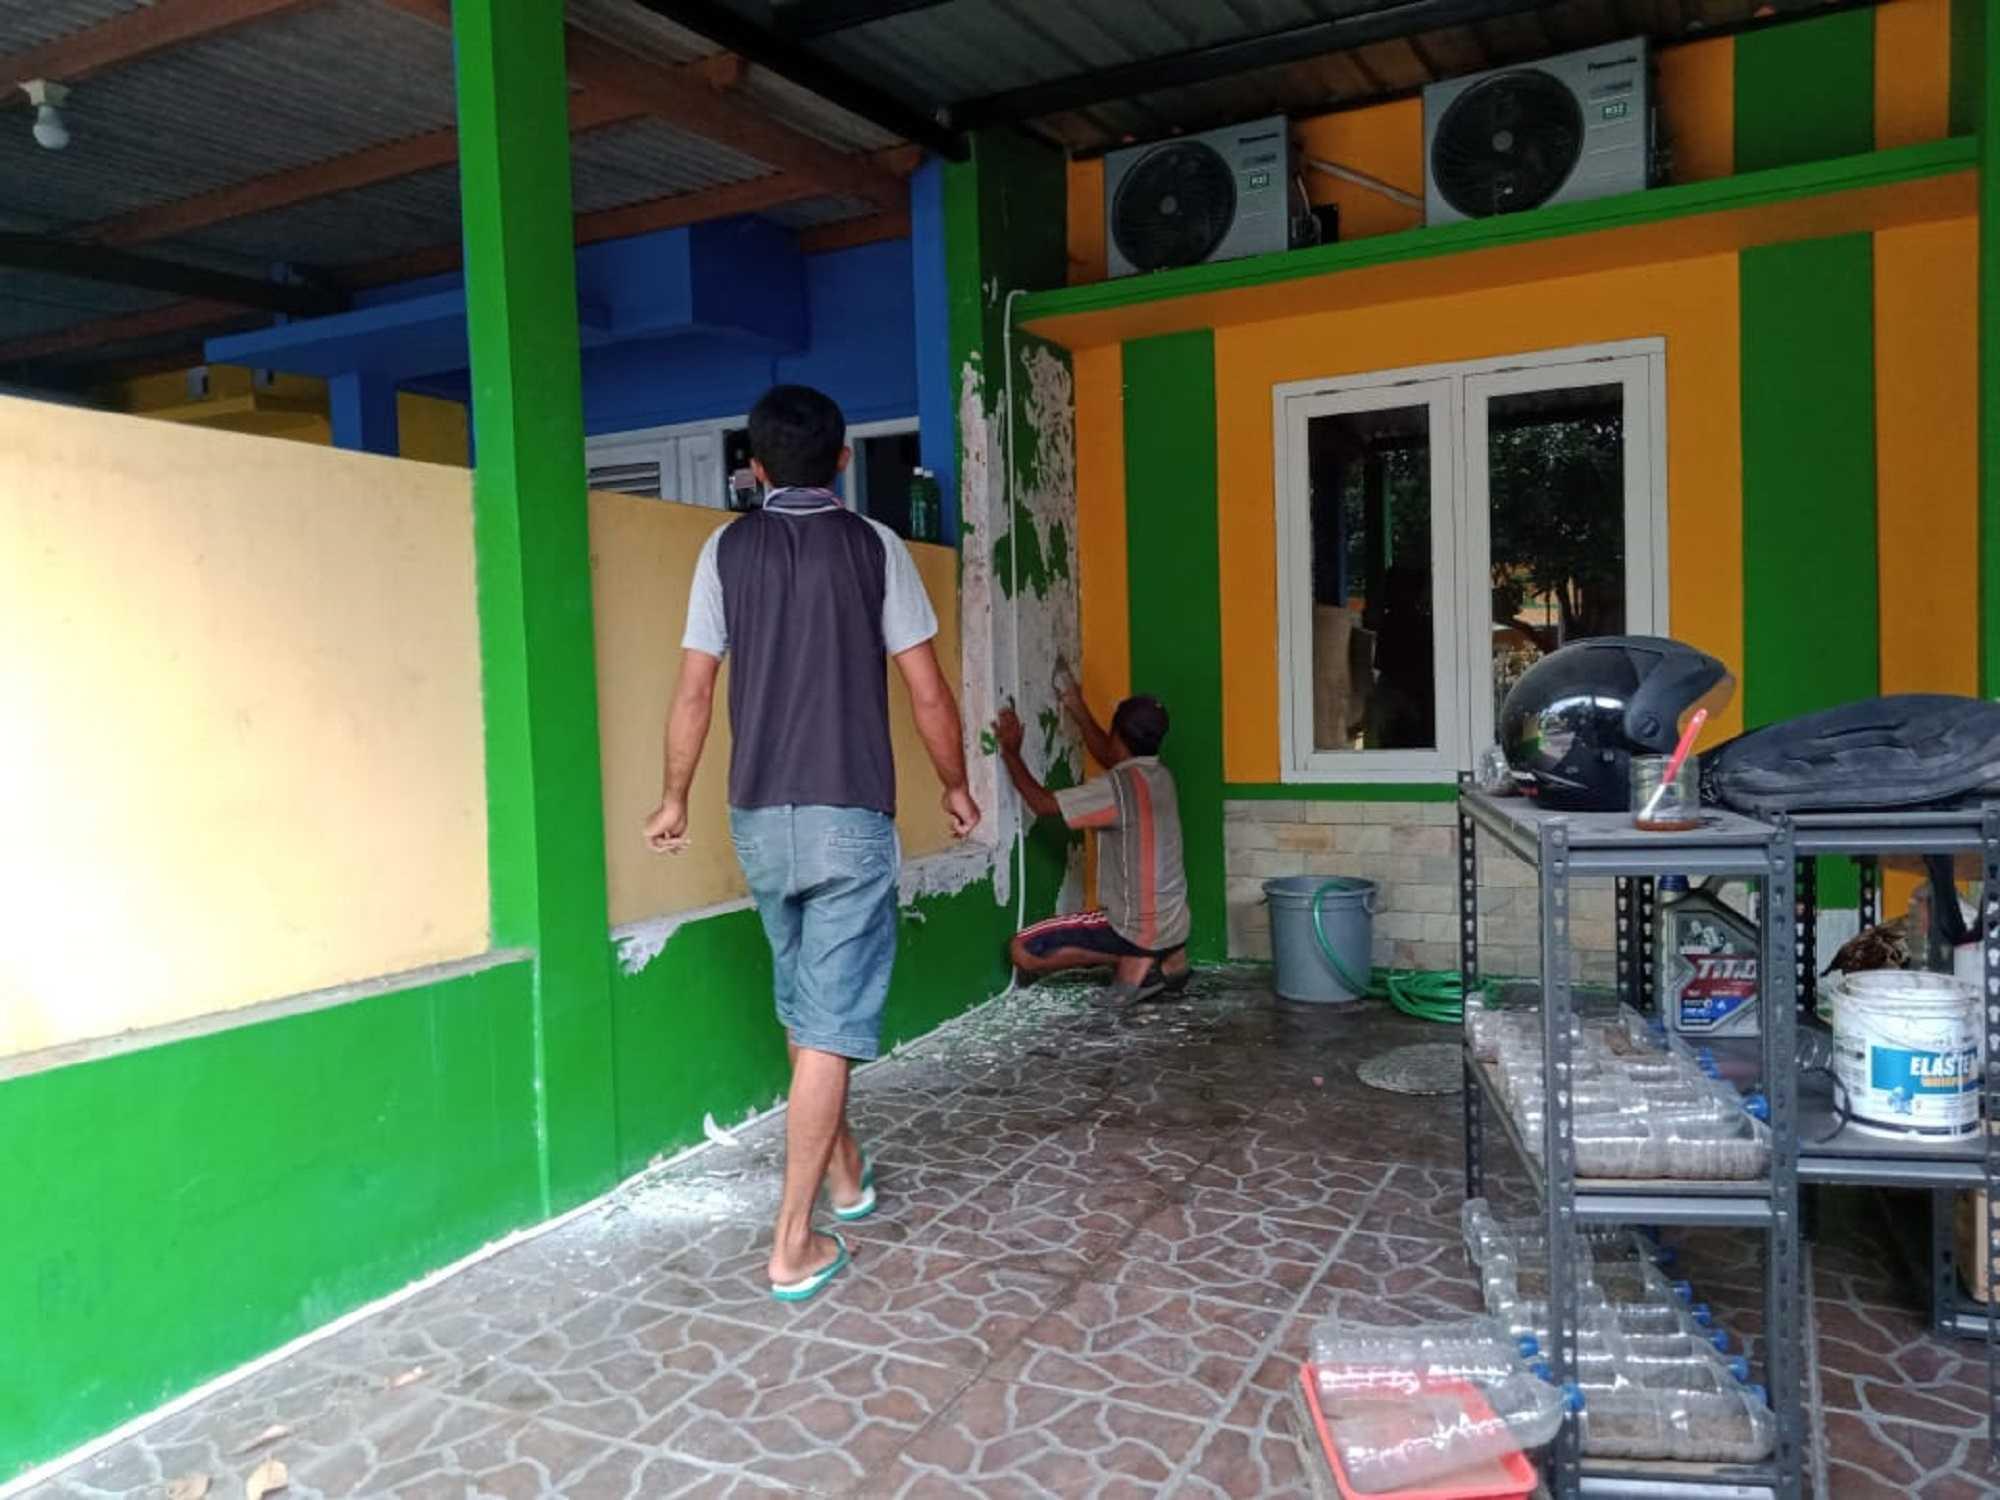 Rekoo Indonesia Repaint Rumah Semarang, Kota Semarang, Jawa Tengah, Indonesia Semarang, Kota Semarang, Jawa Tengah, Indonesia Rekoo-Indonesia-Repaint-Rumah  133256